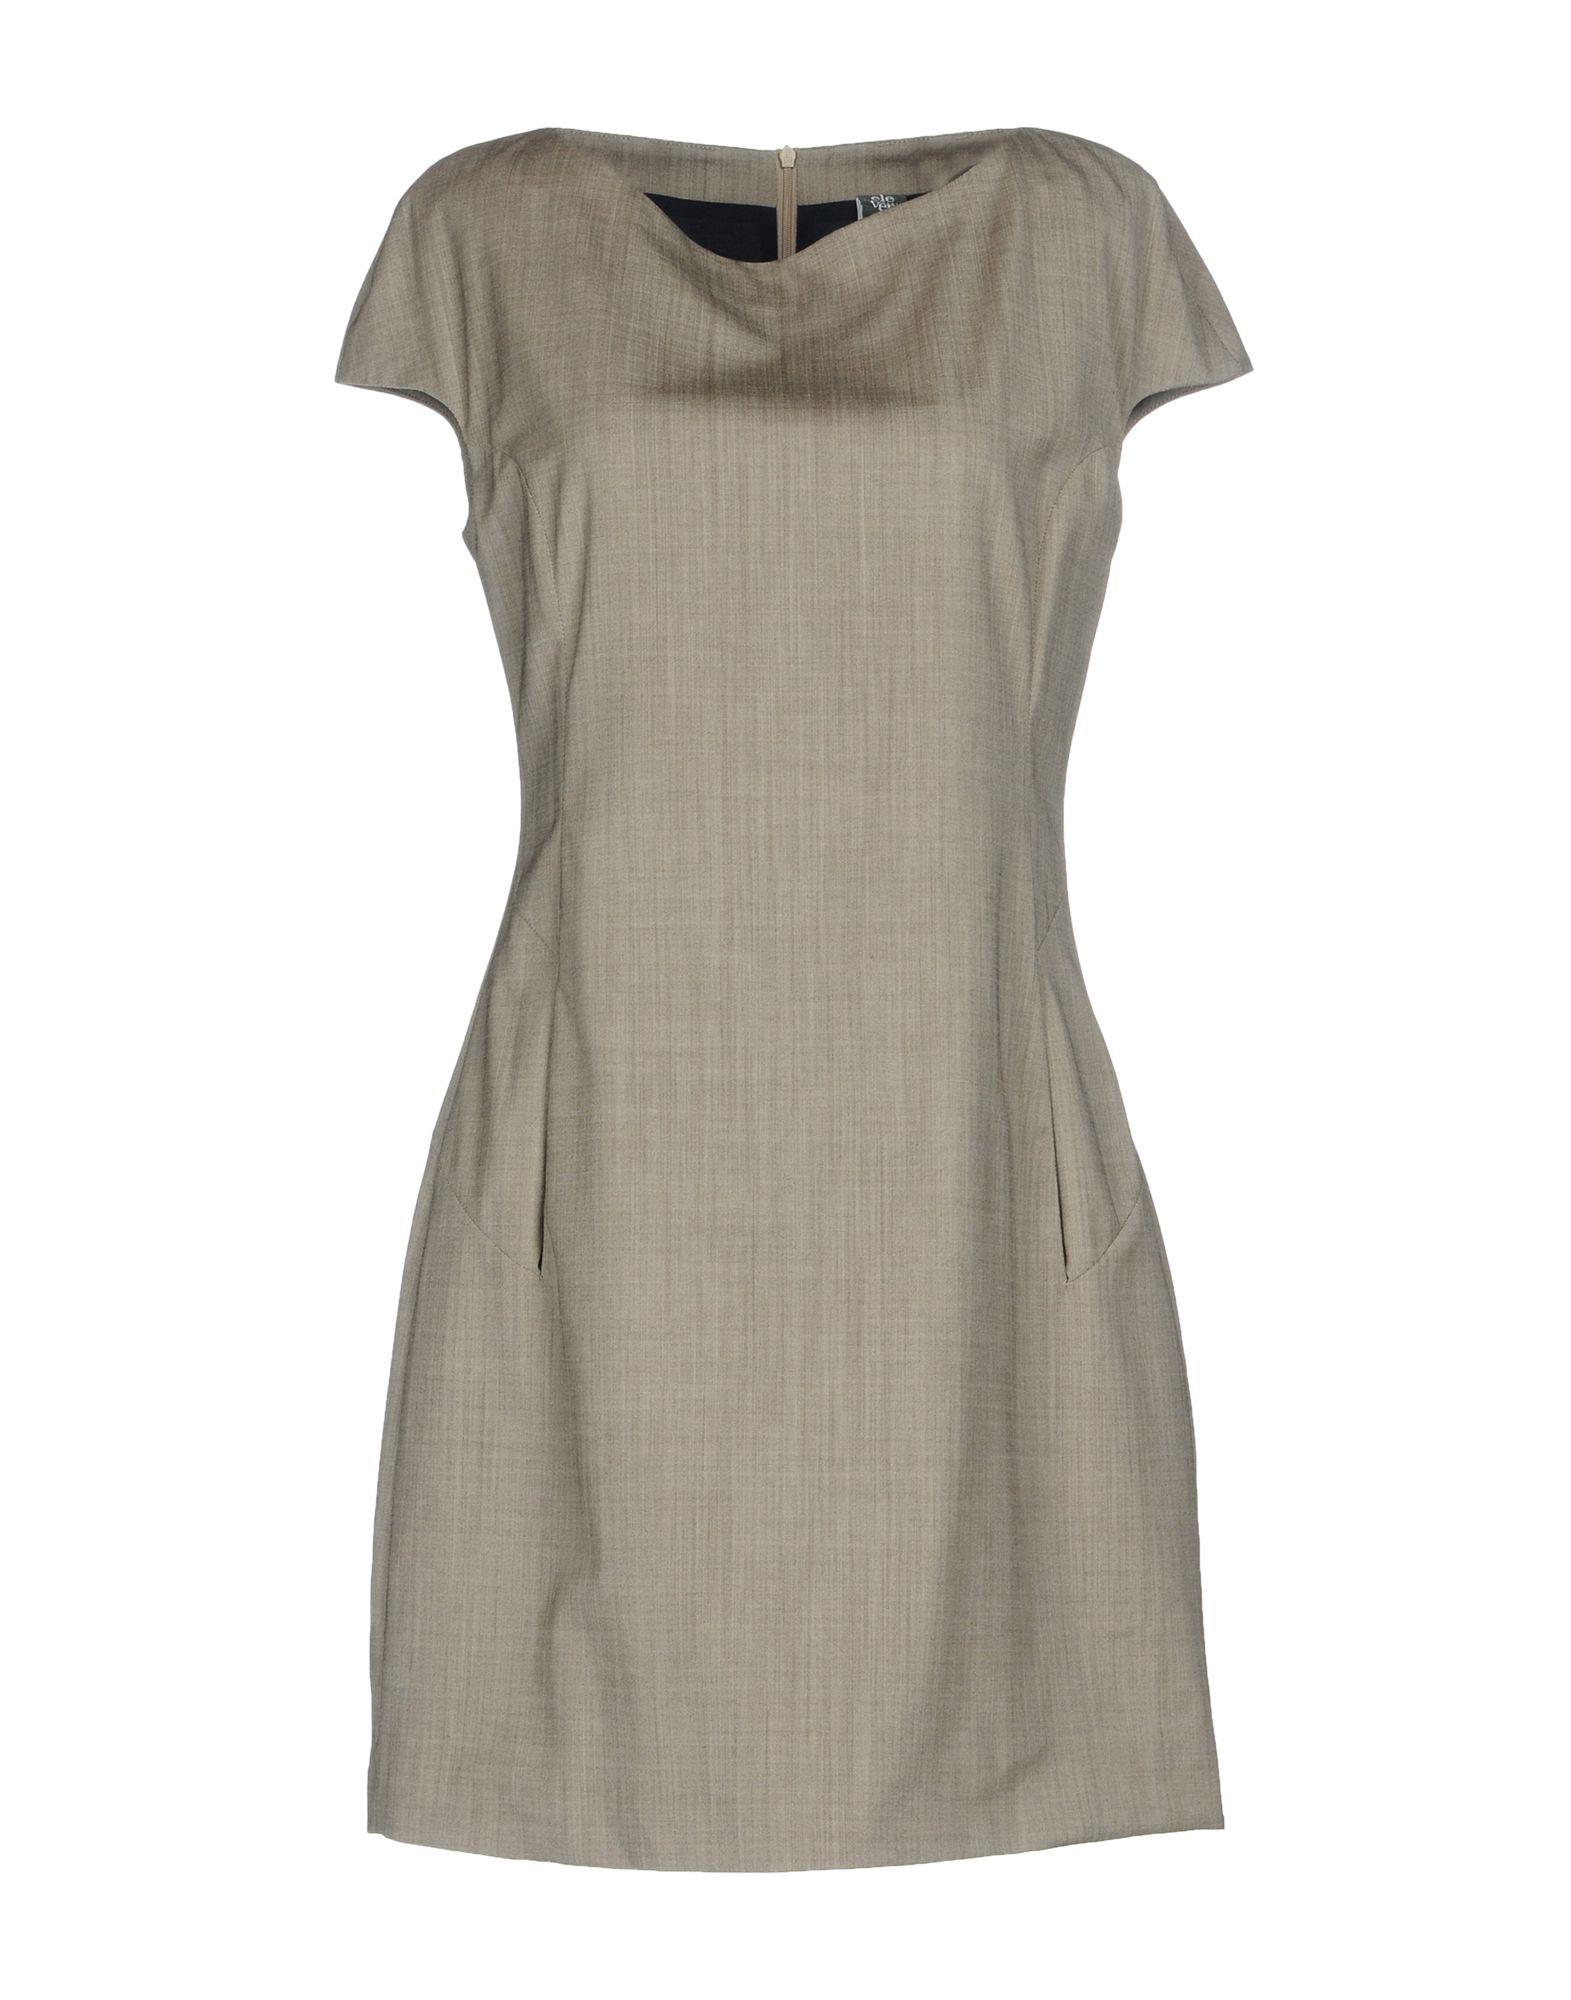 ELEVENTY Короткое платье павильон green glade скил